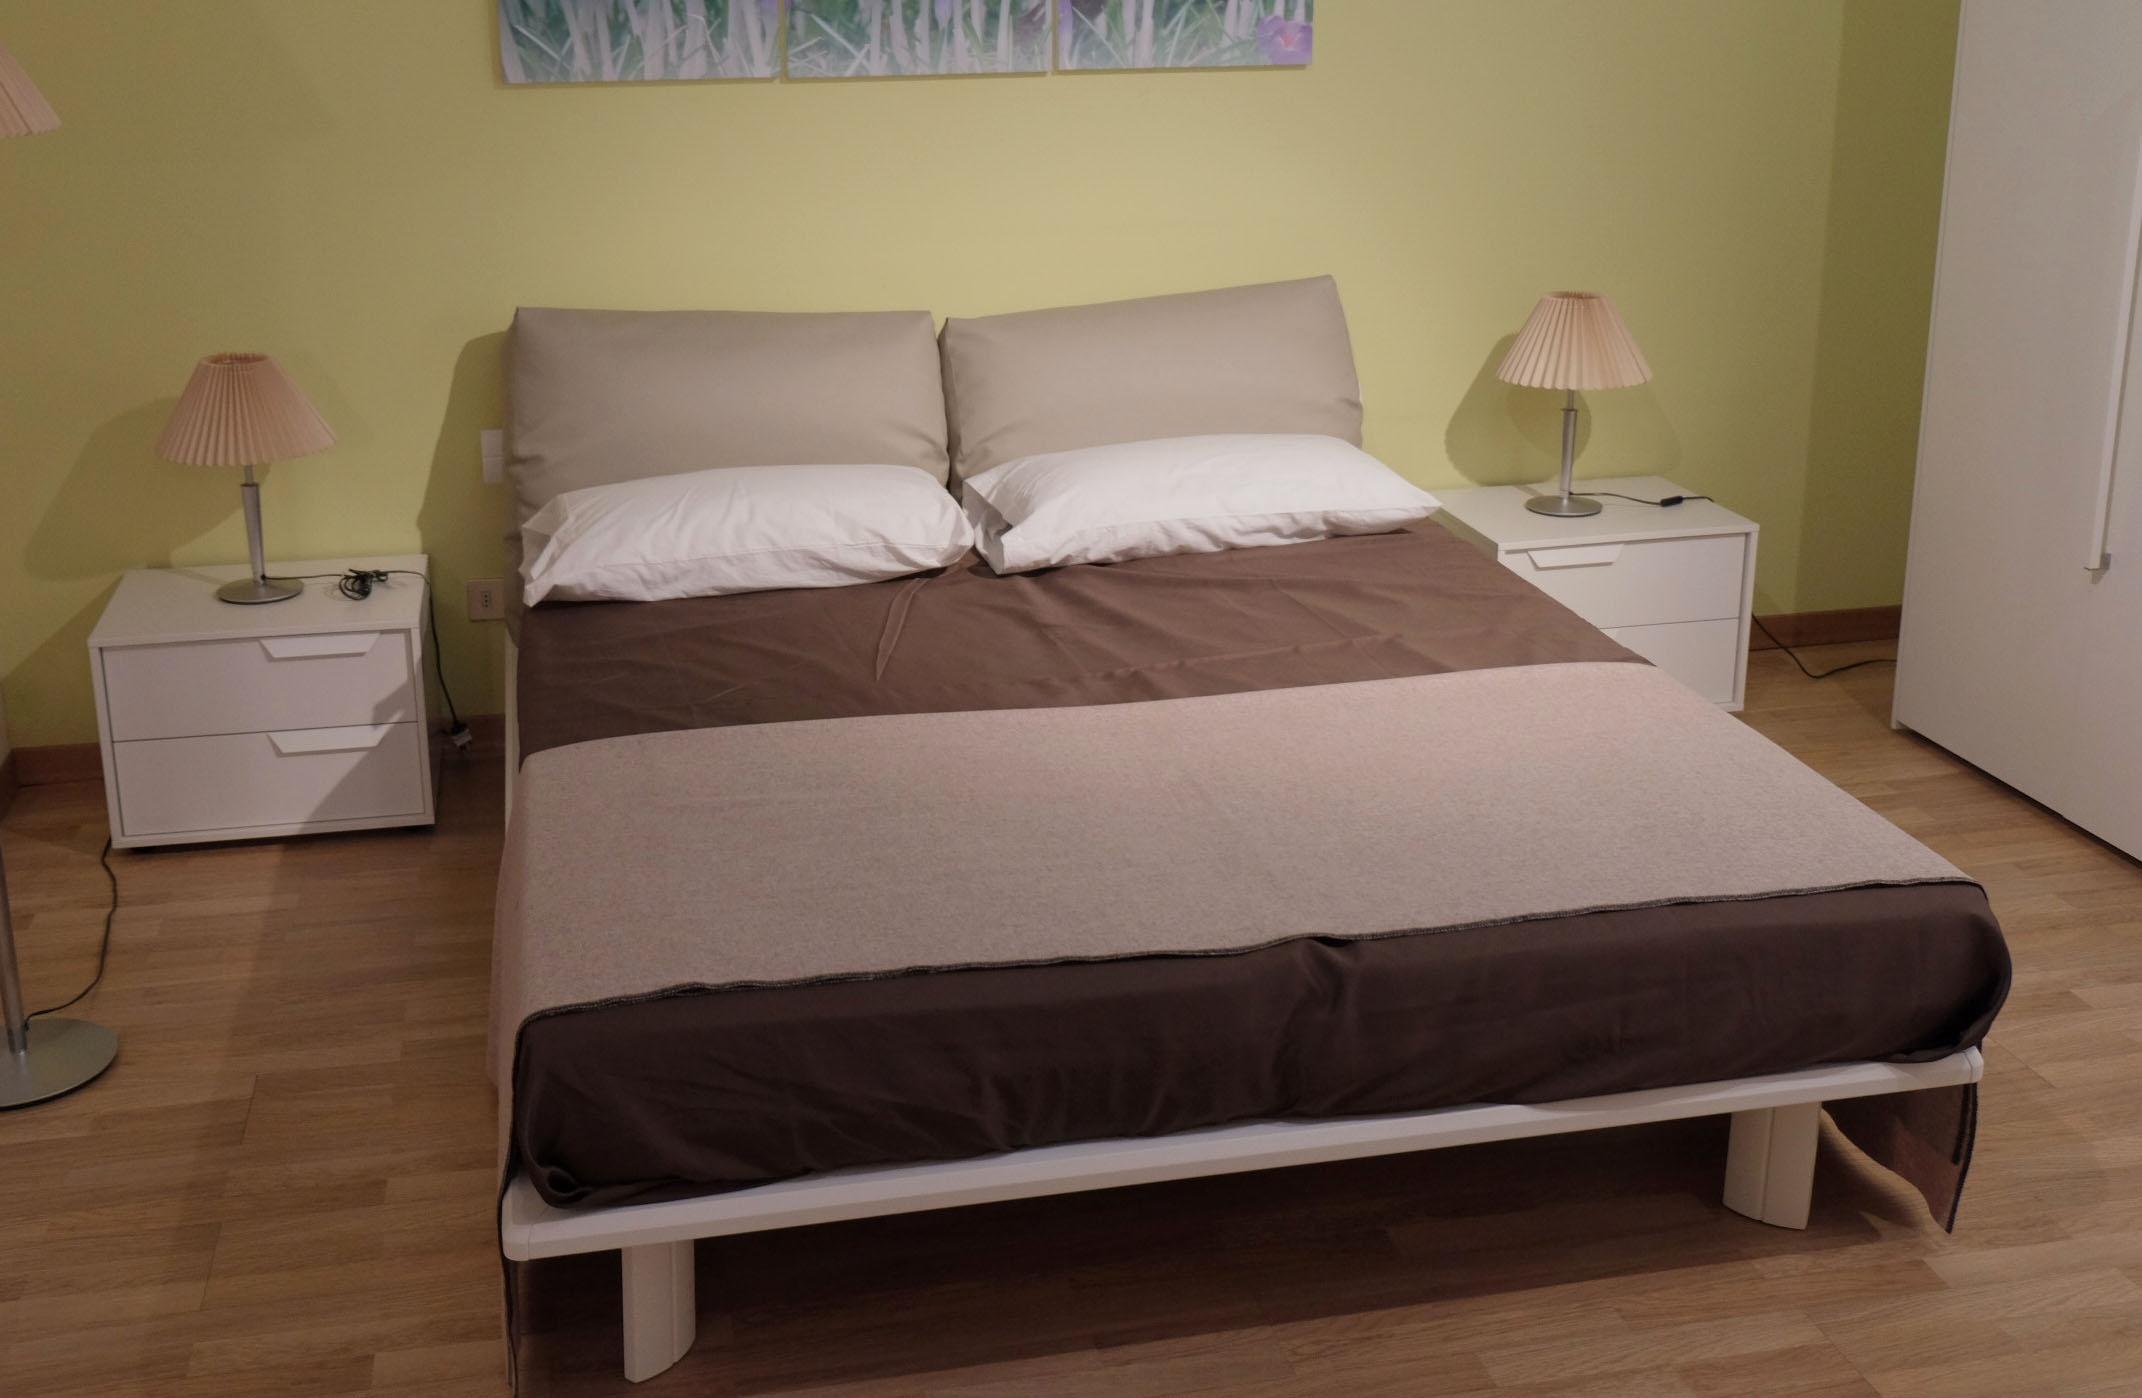 Camera tomasella letto piuma moderno laccato opaco scontato del 51 camere a prezzi scontati - Tomasella camera da letto ...